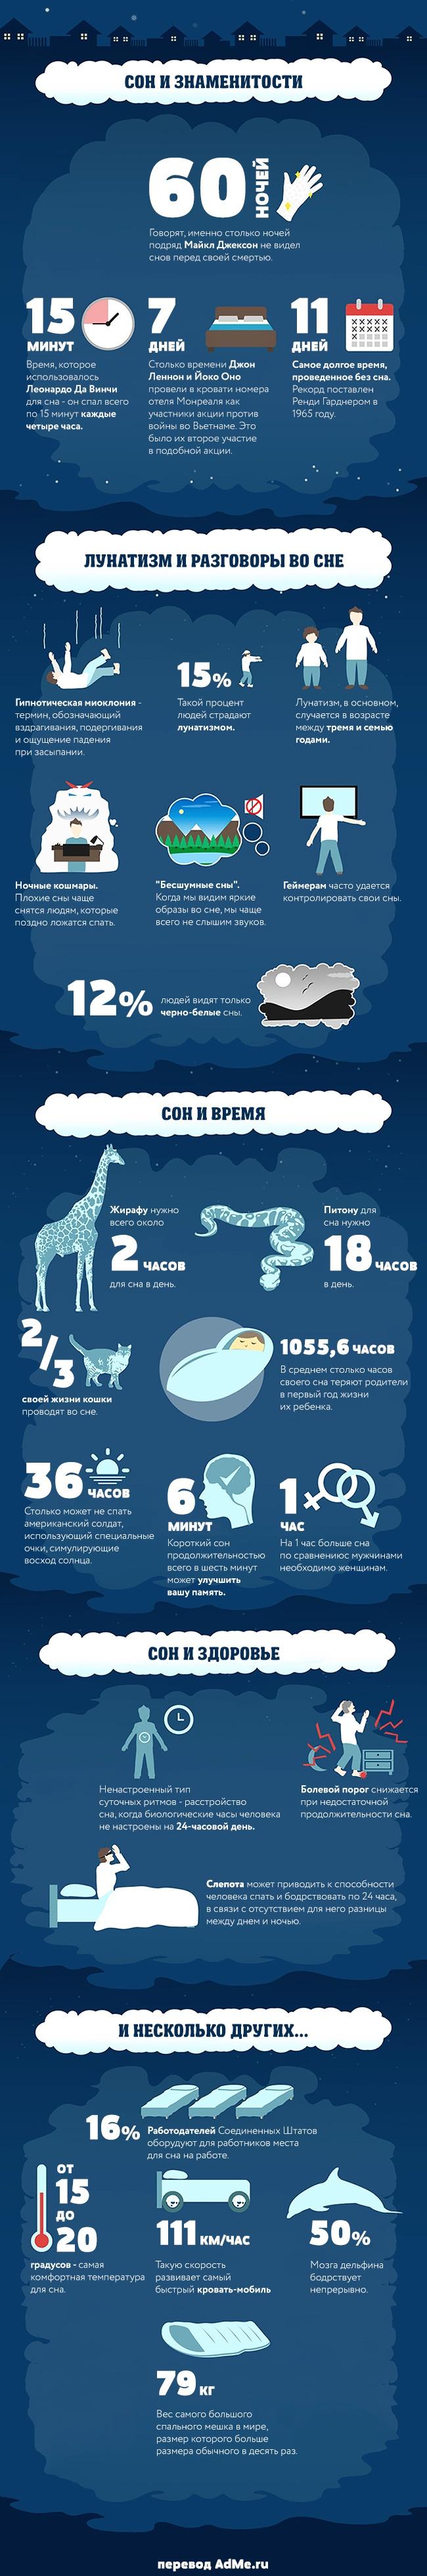 Интересные факты о сне (1 фото)